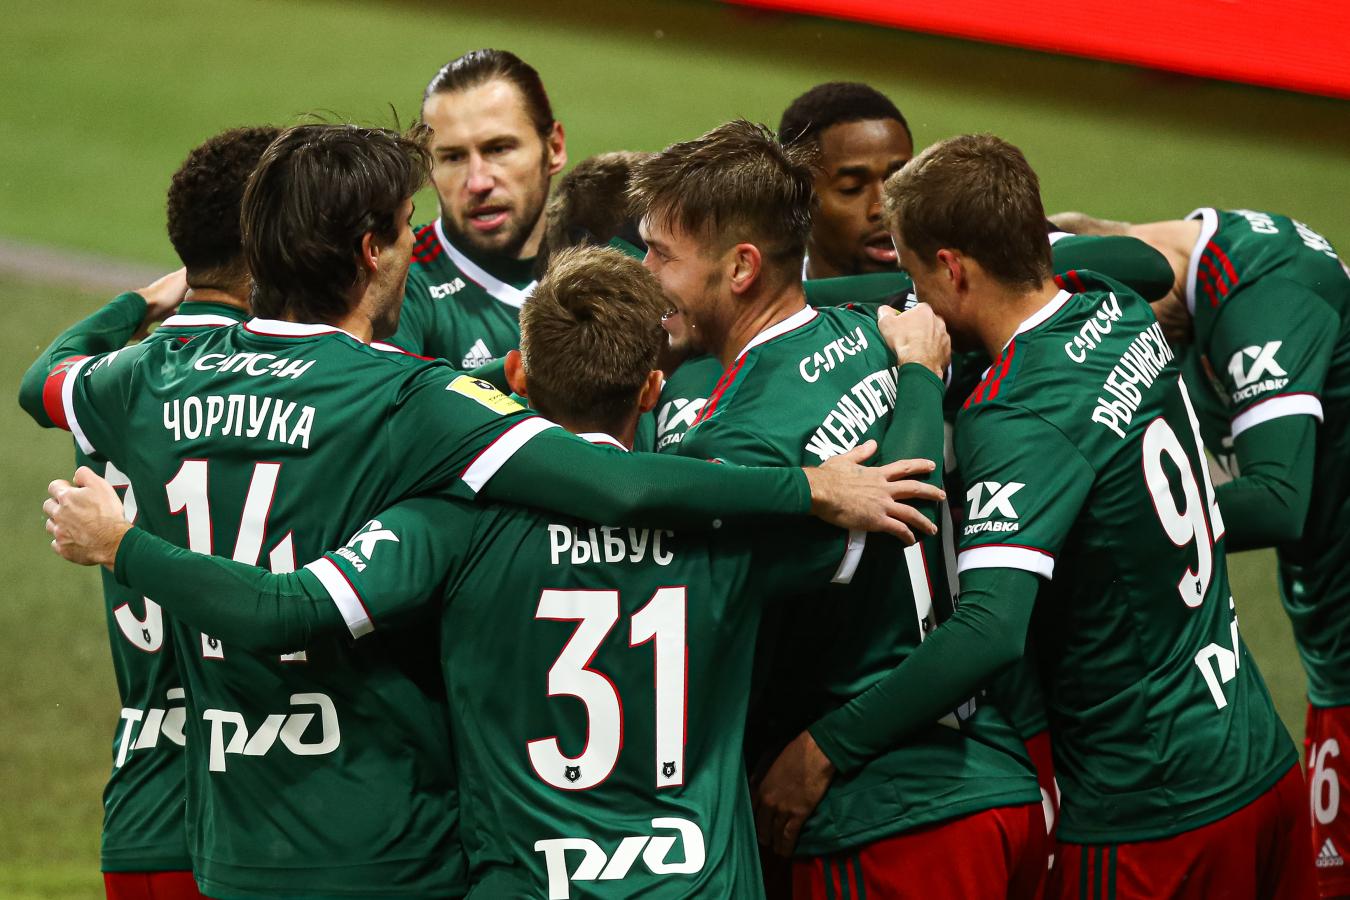 Турнирная таблица РПЛ: Локомотив поднялся на 2-е место, Рубин вытеснил ЦСКА из топ-4